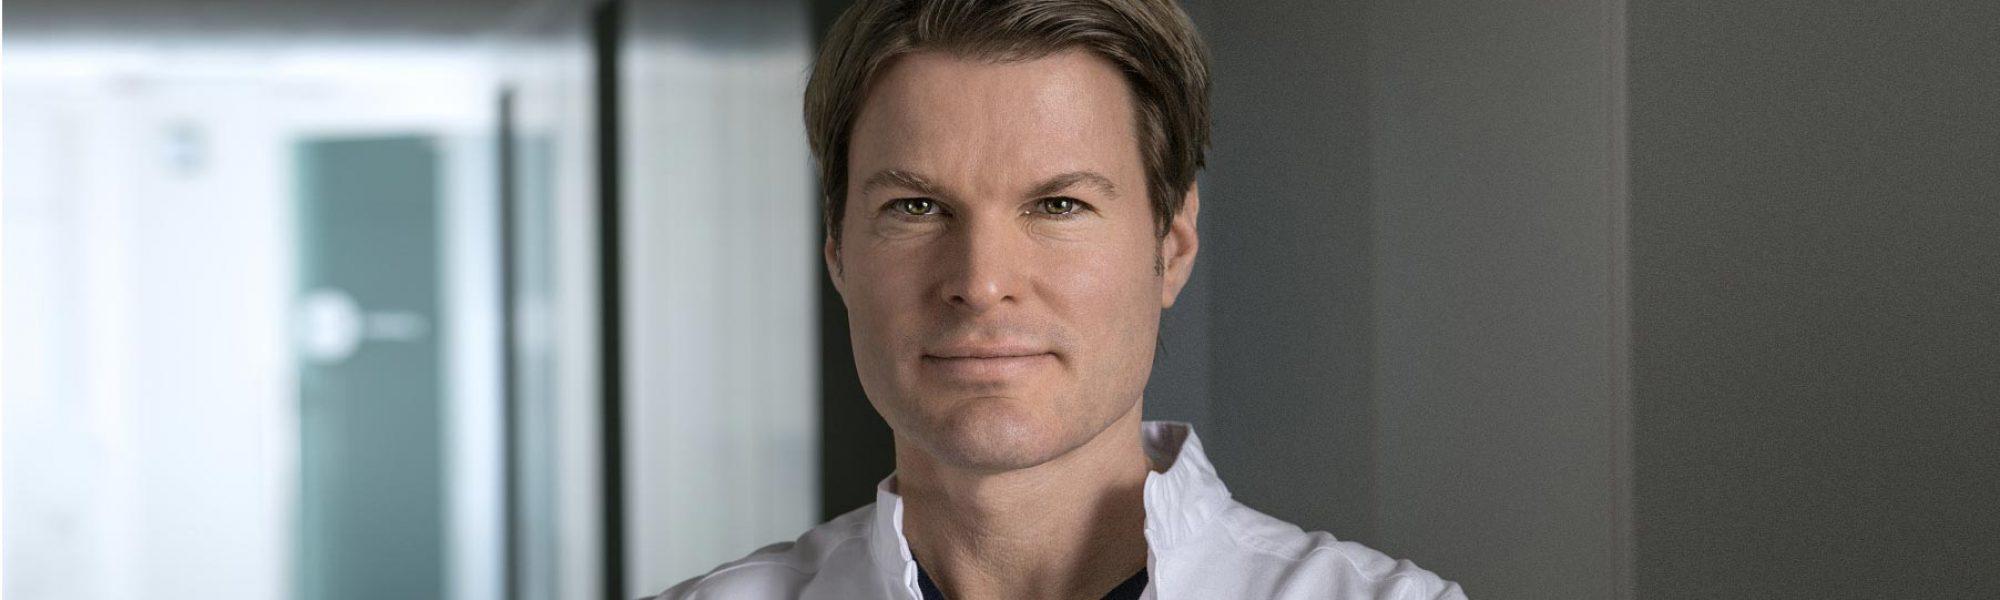 Arztporträt Dr. Dr. Nico Laube